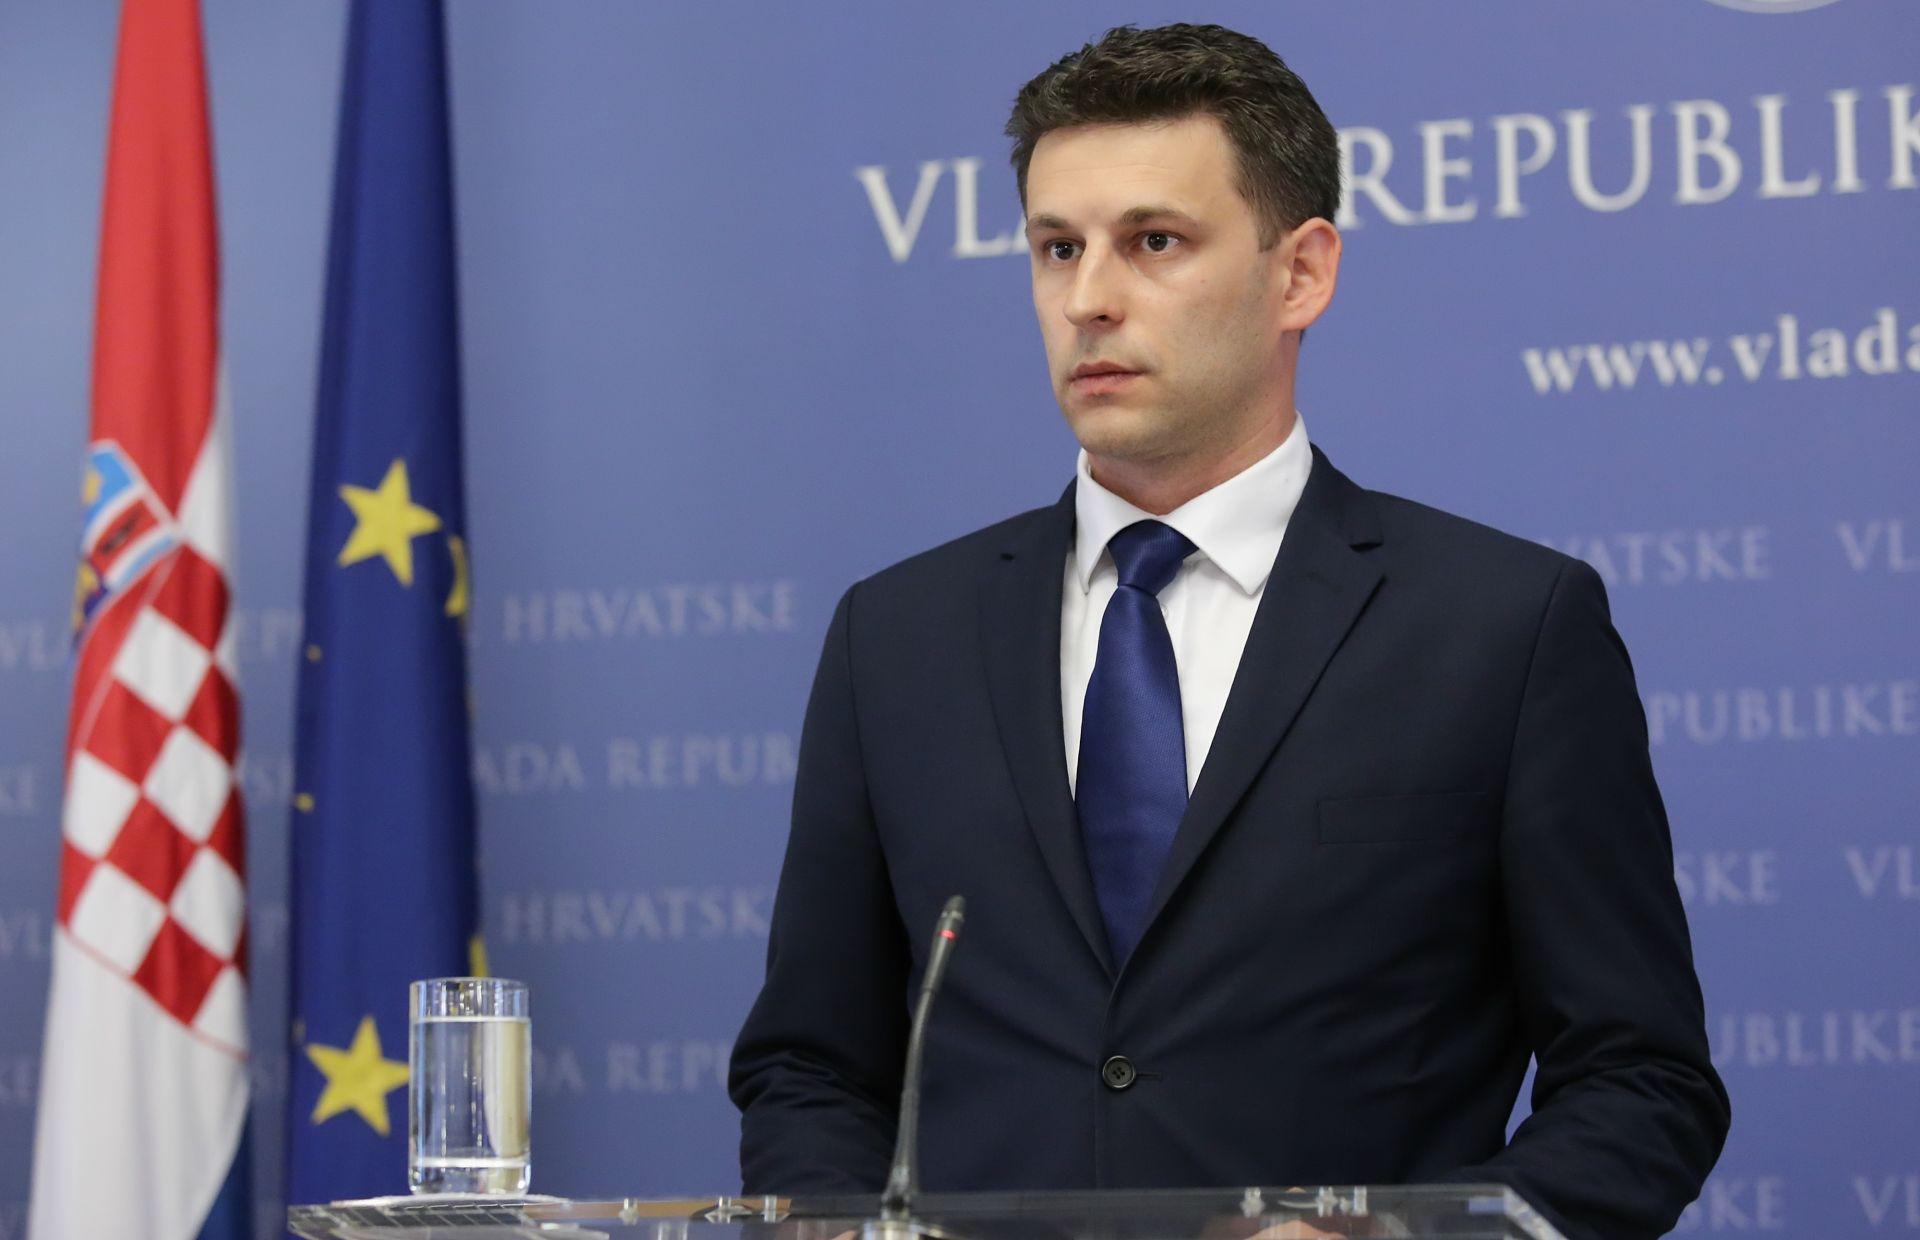 BOŽO PETROV: 'Bonus direktoru Hrvatskih šuma je sramotan'